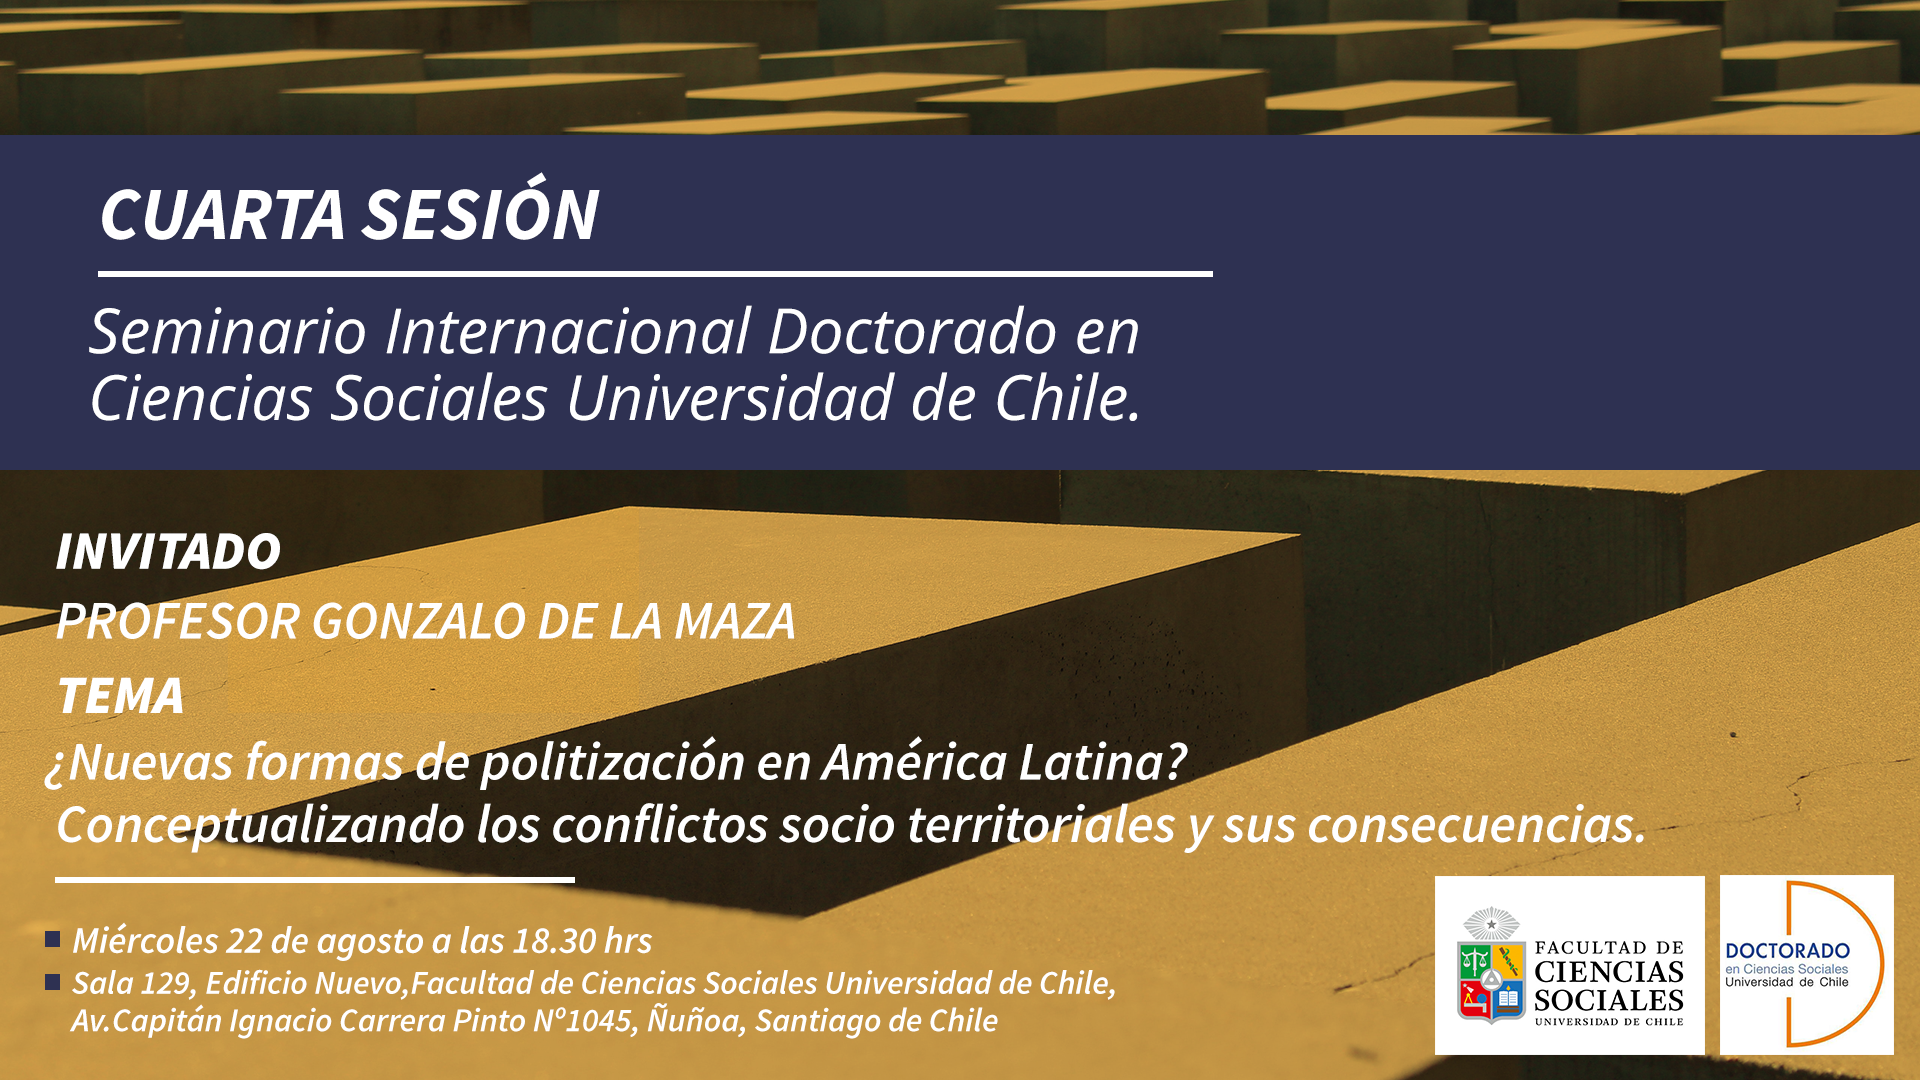 Cuarta sesión seminario internacional. Invitado: Prof. Gonzalo de la Maza